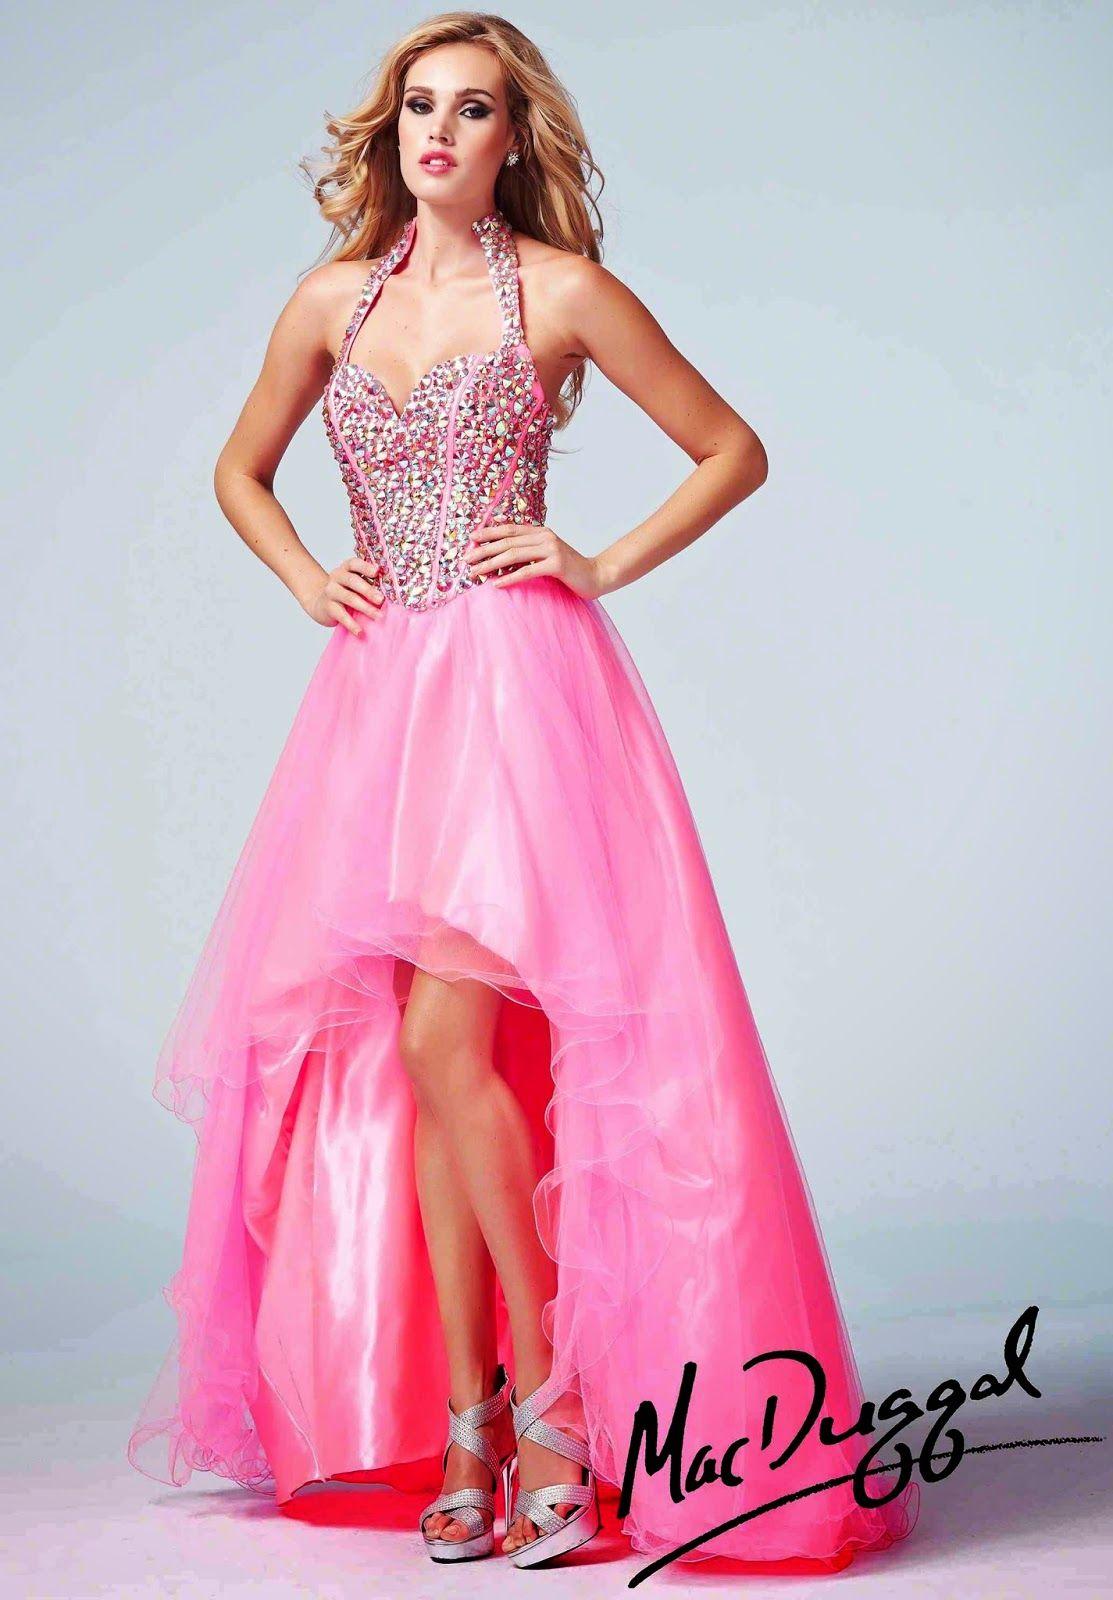 Espectaculares modelos de vestidos de fiesta largos | Vestidos largos de moda